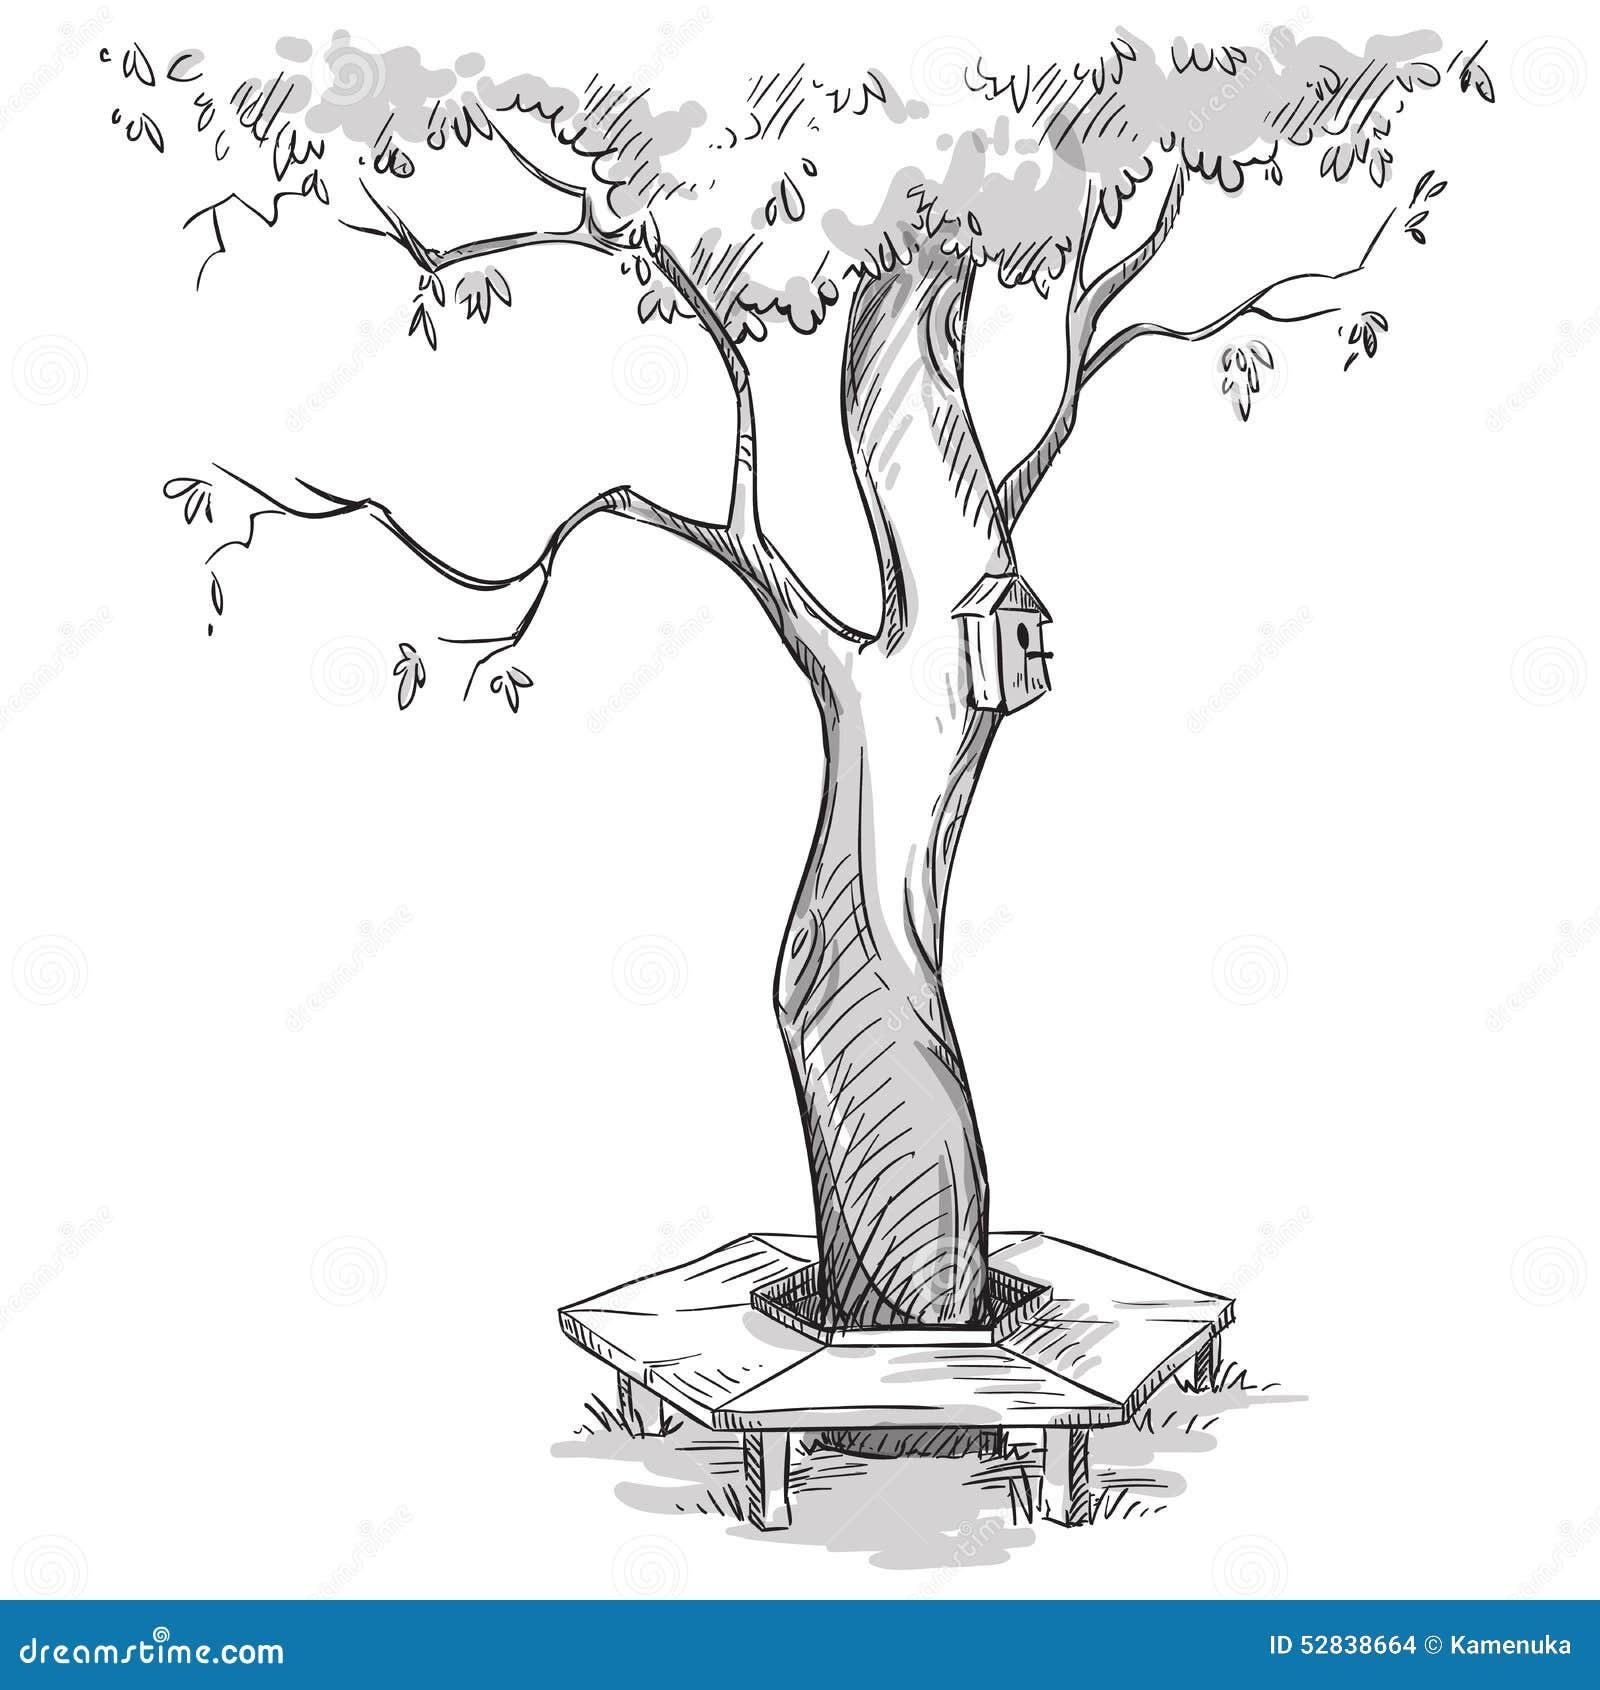 banco de jardim vetor:Mais imagens similares de ` Jardim Árvore e um banco de madeira em